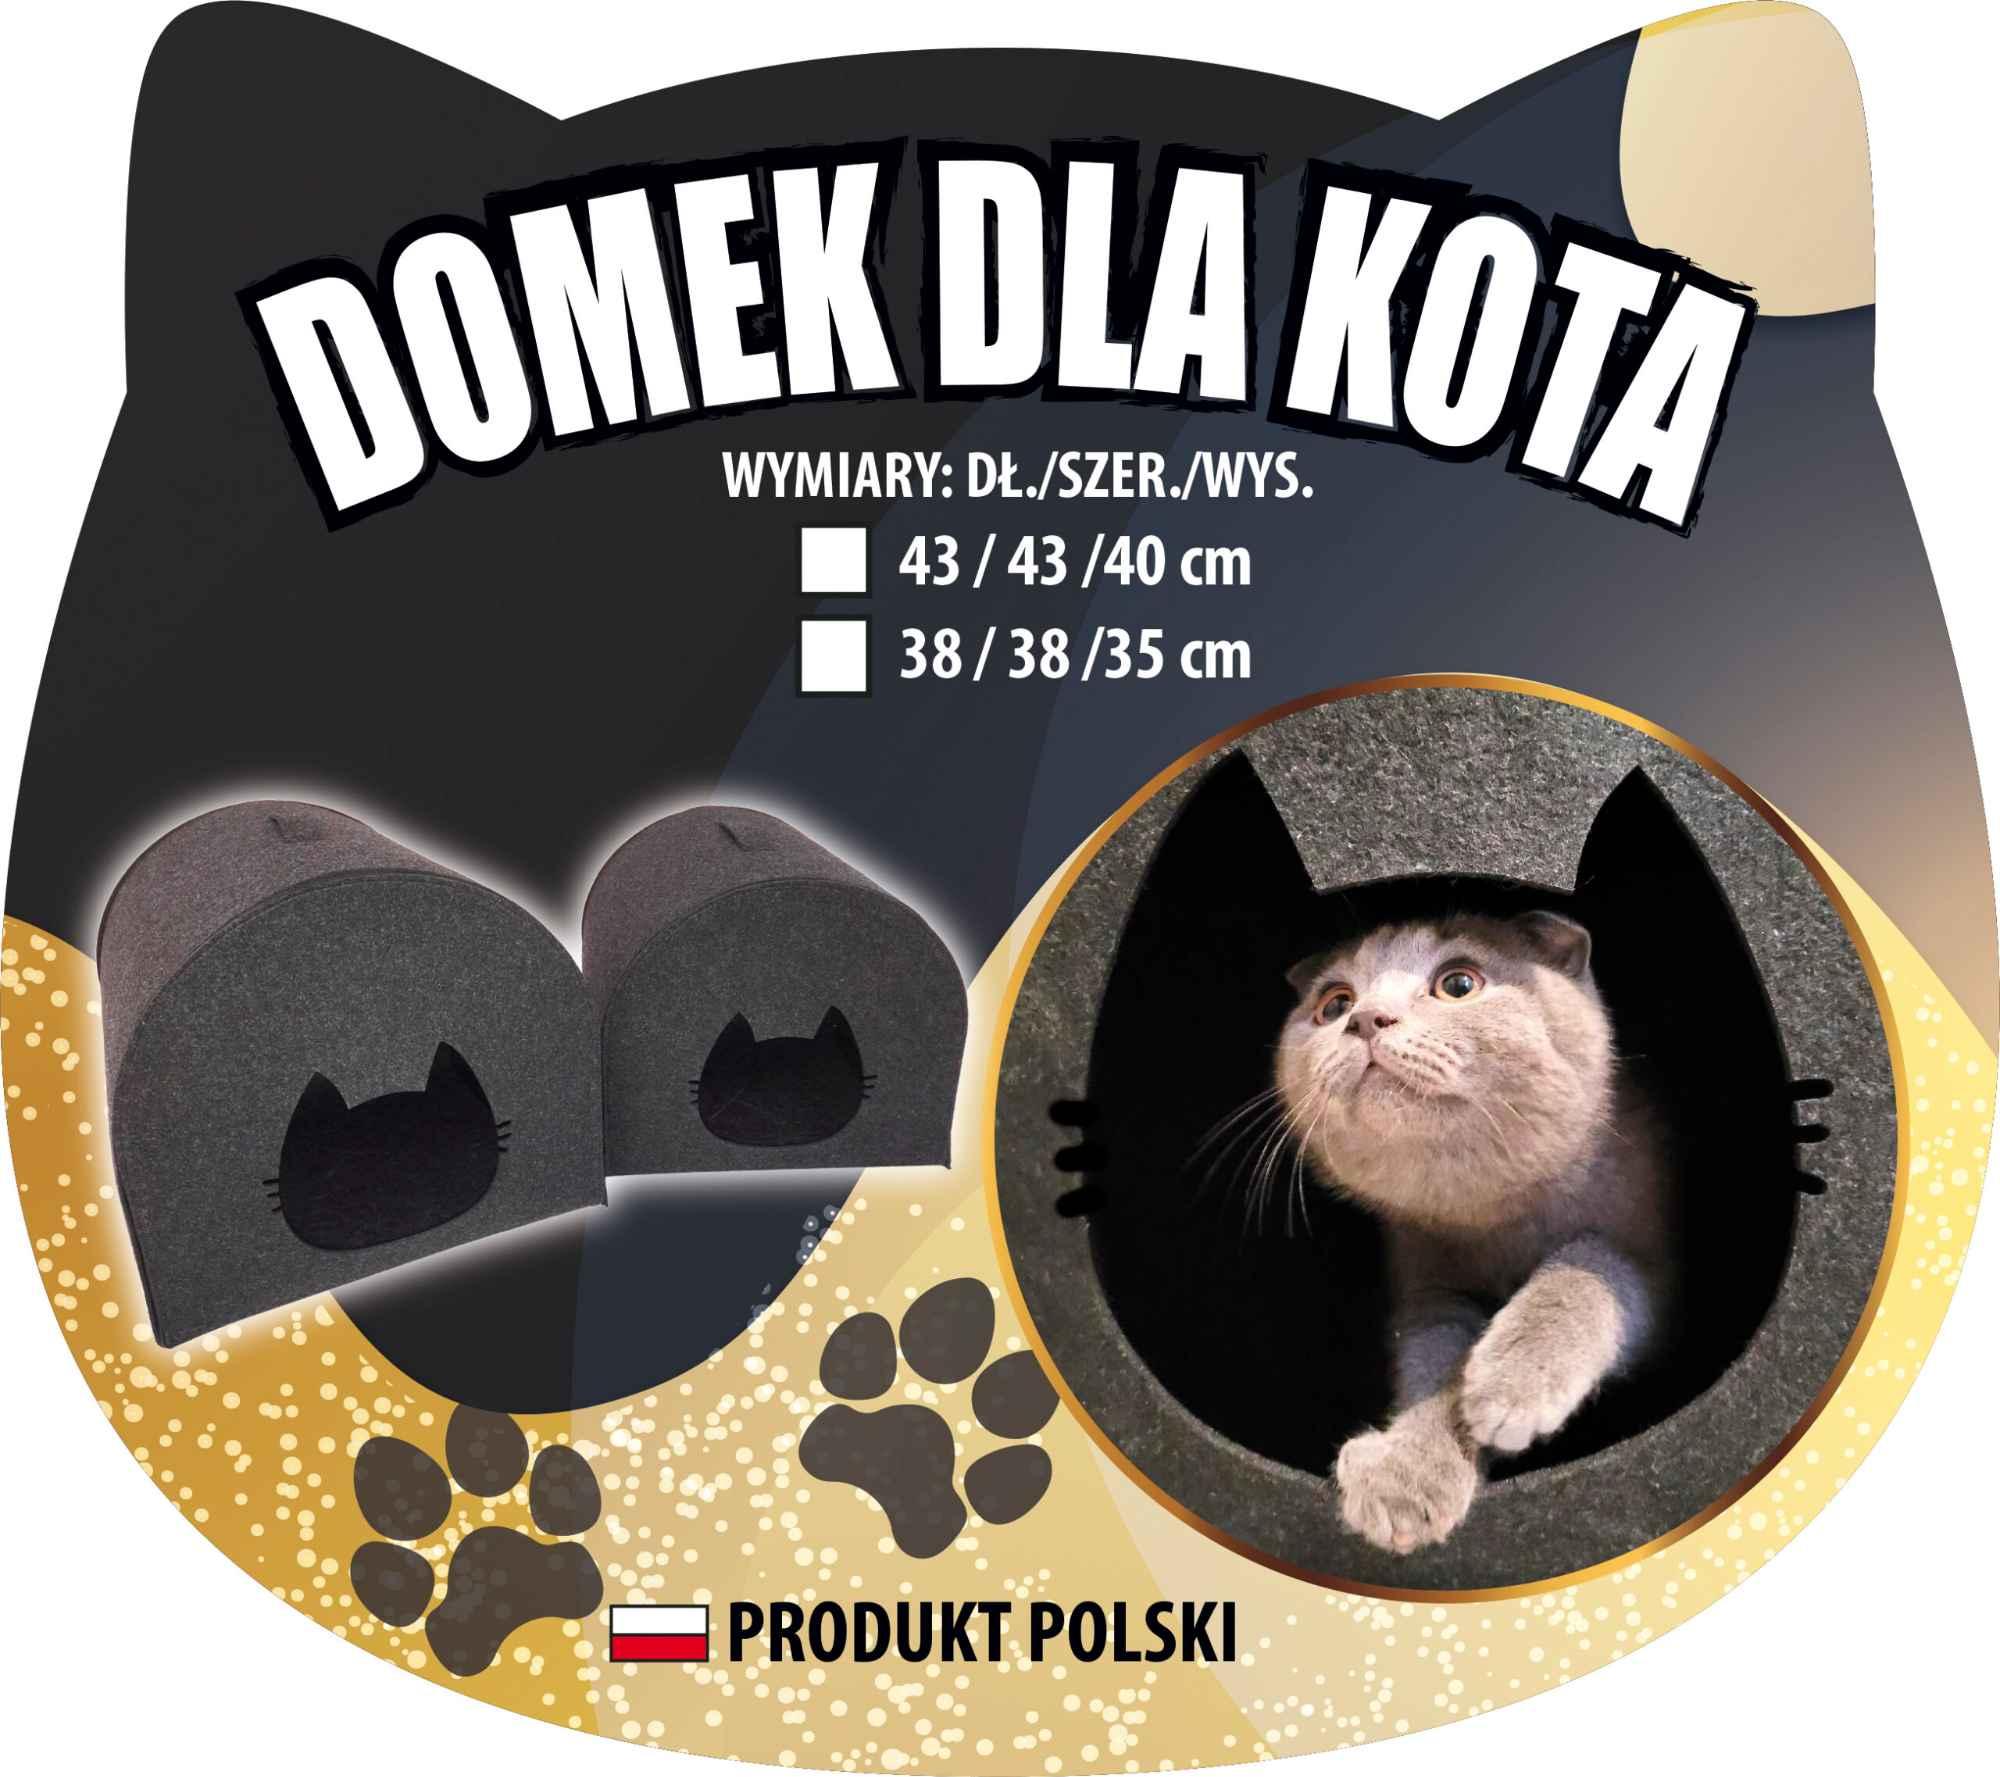 Domek dla kota 38x38x35 Ostrowiec Świętokrzyski - zdjęcie 9